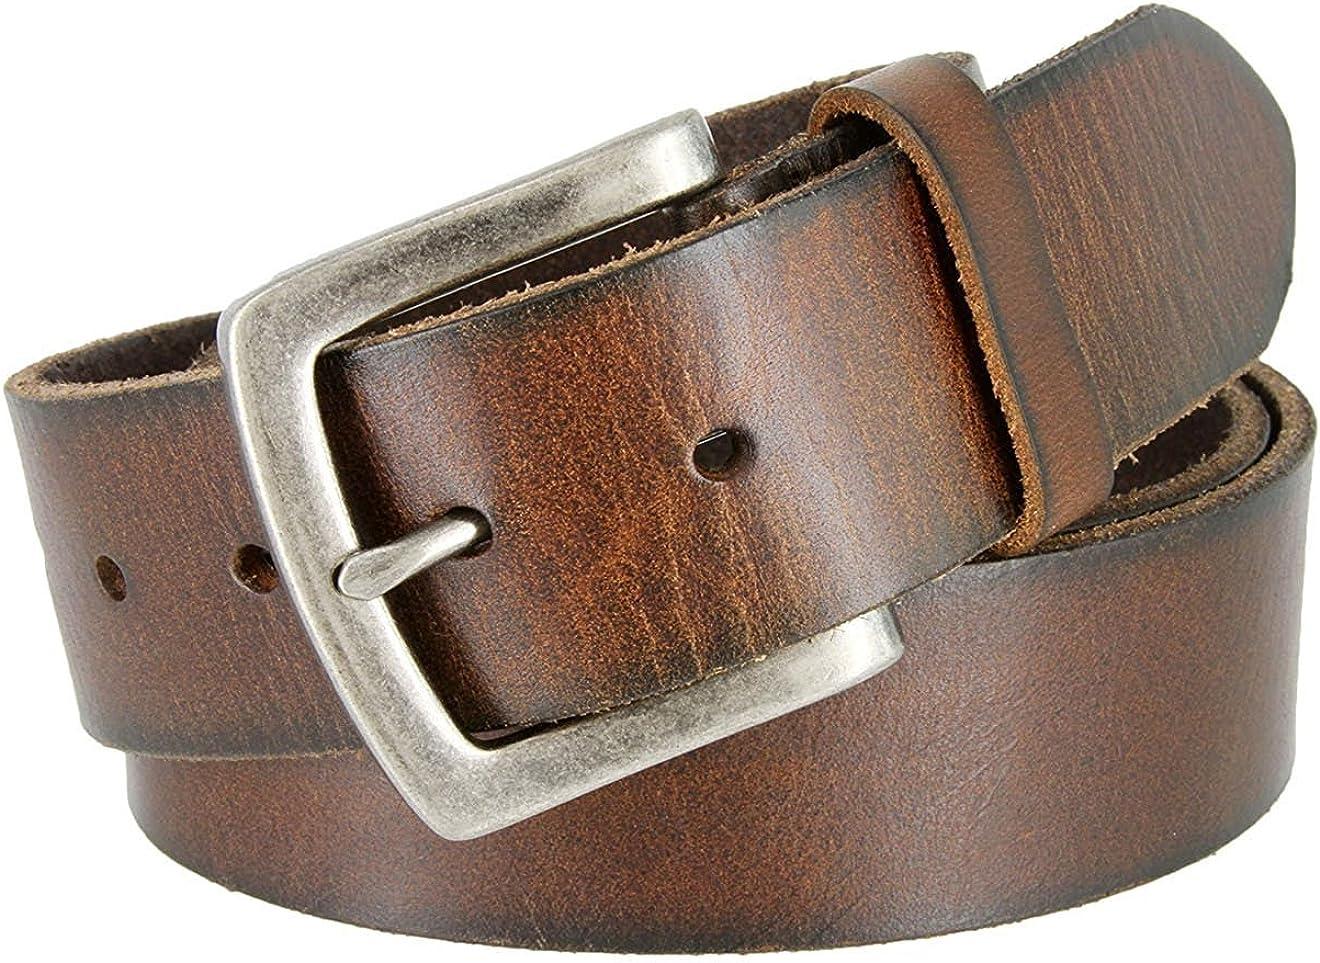 Pele Belt Men Full Grain Genuine Leather Vintage Look Rustic Silver Buckle